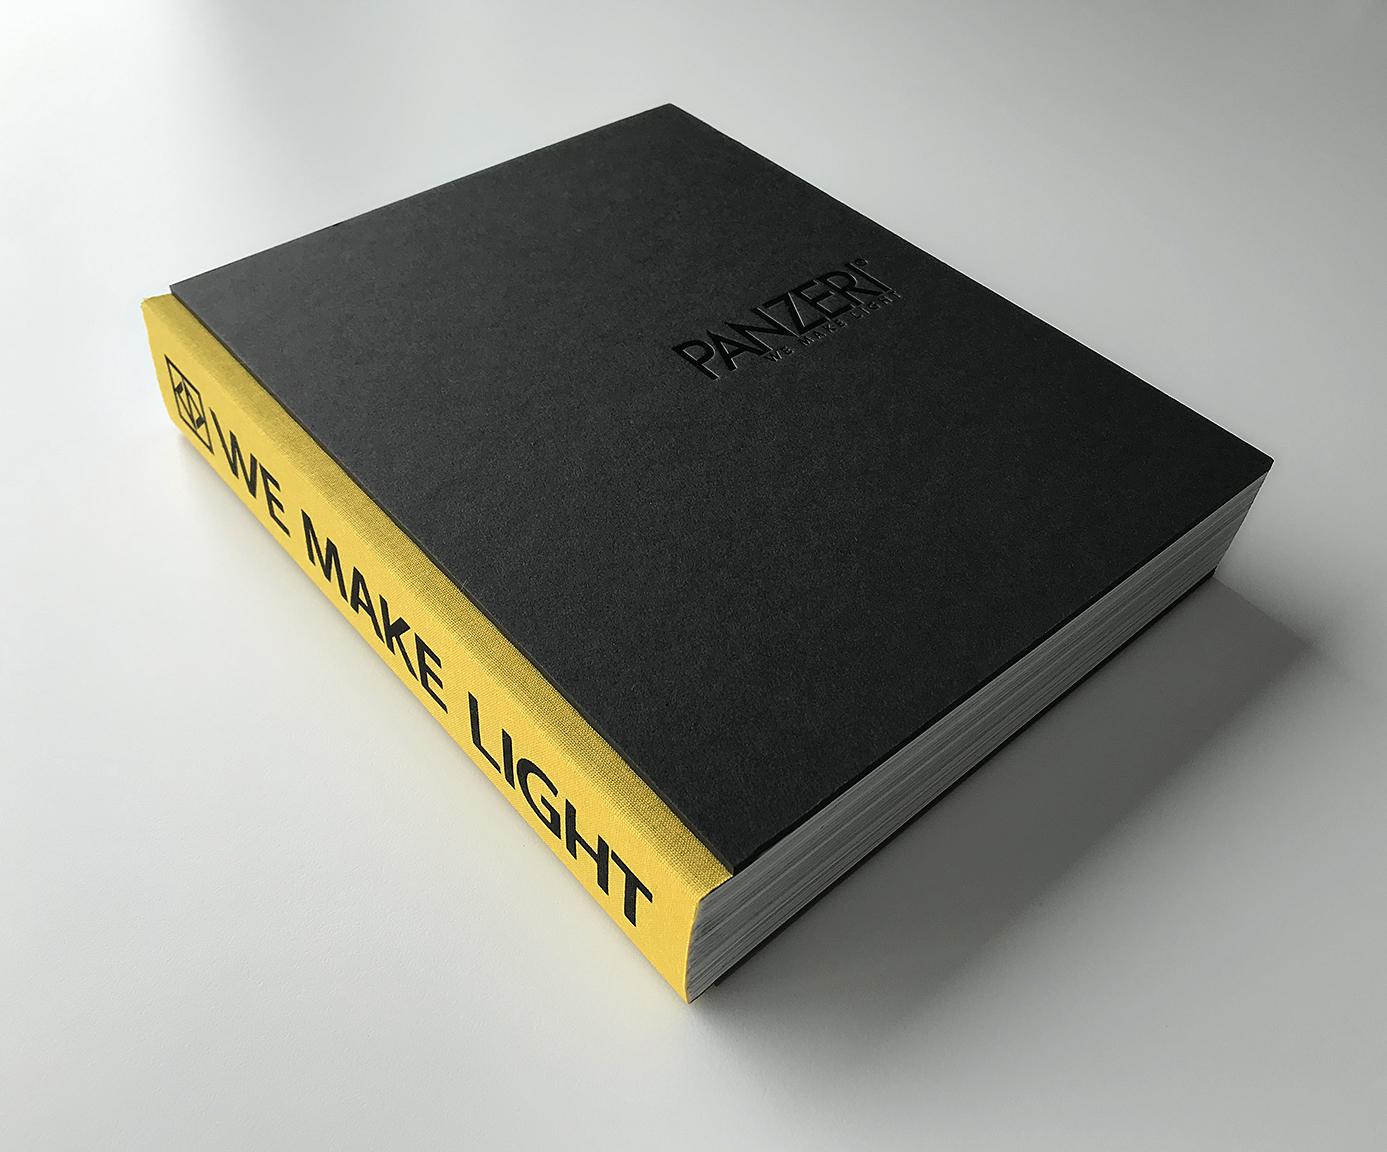 PANZERI - Catalogue